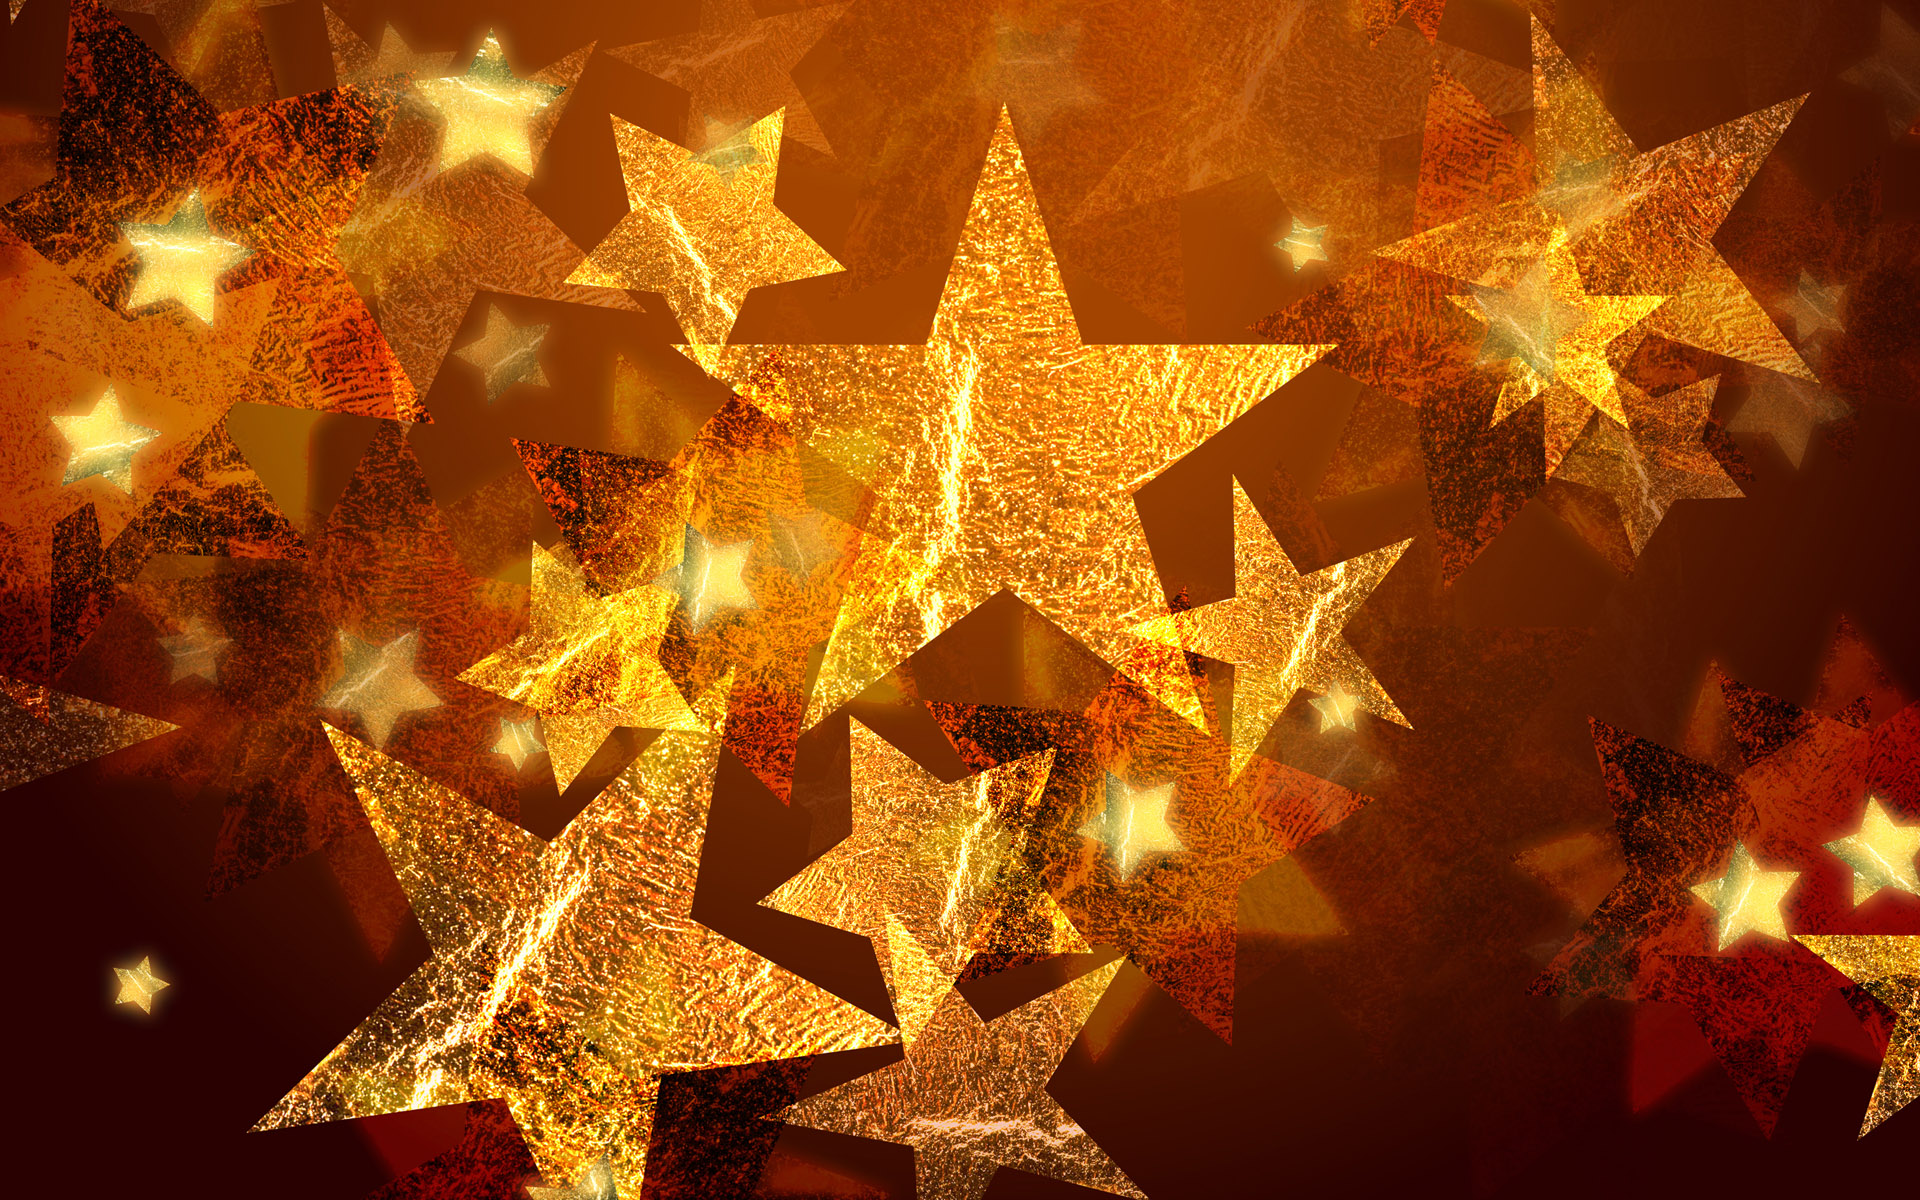 Free New Year Desktop Wallpaper - WallpaperSafari